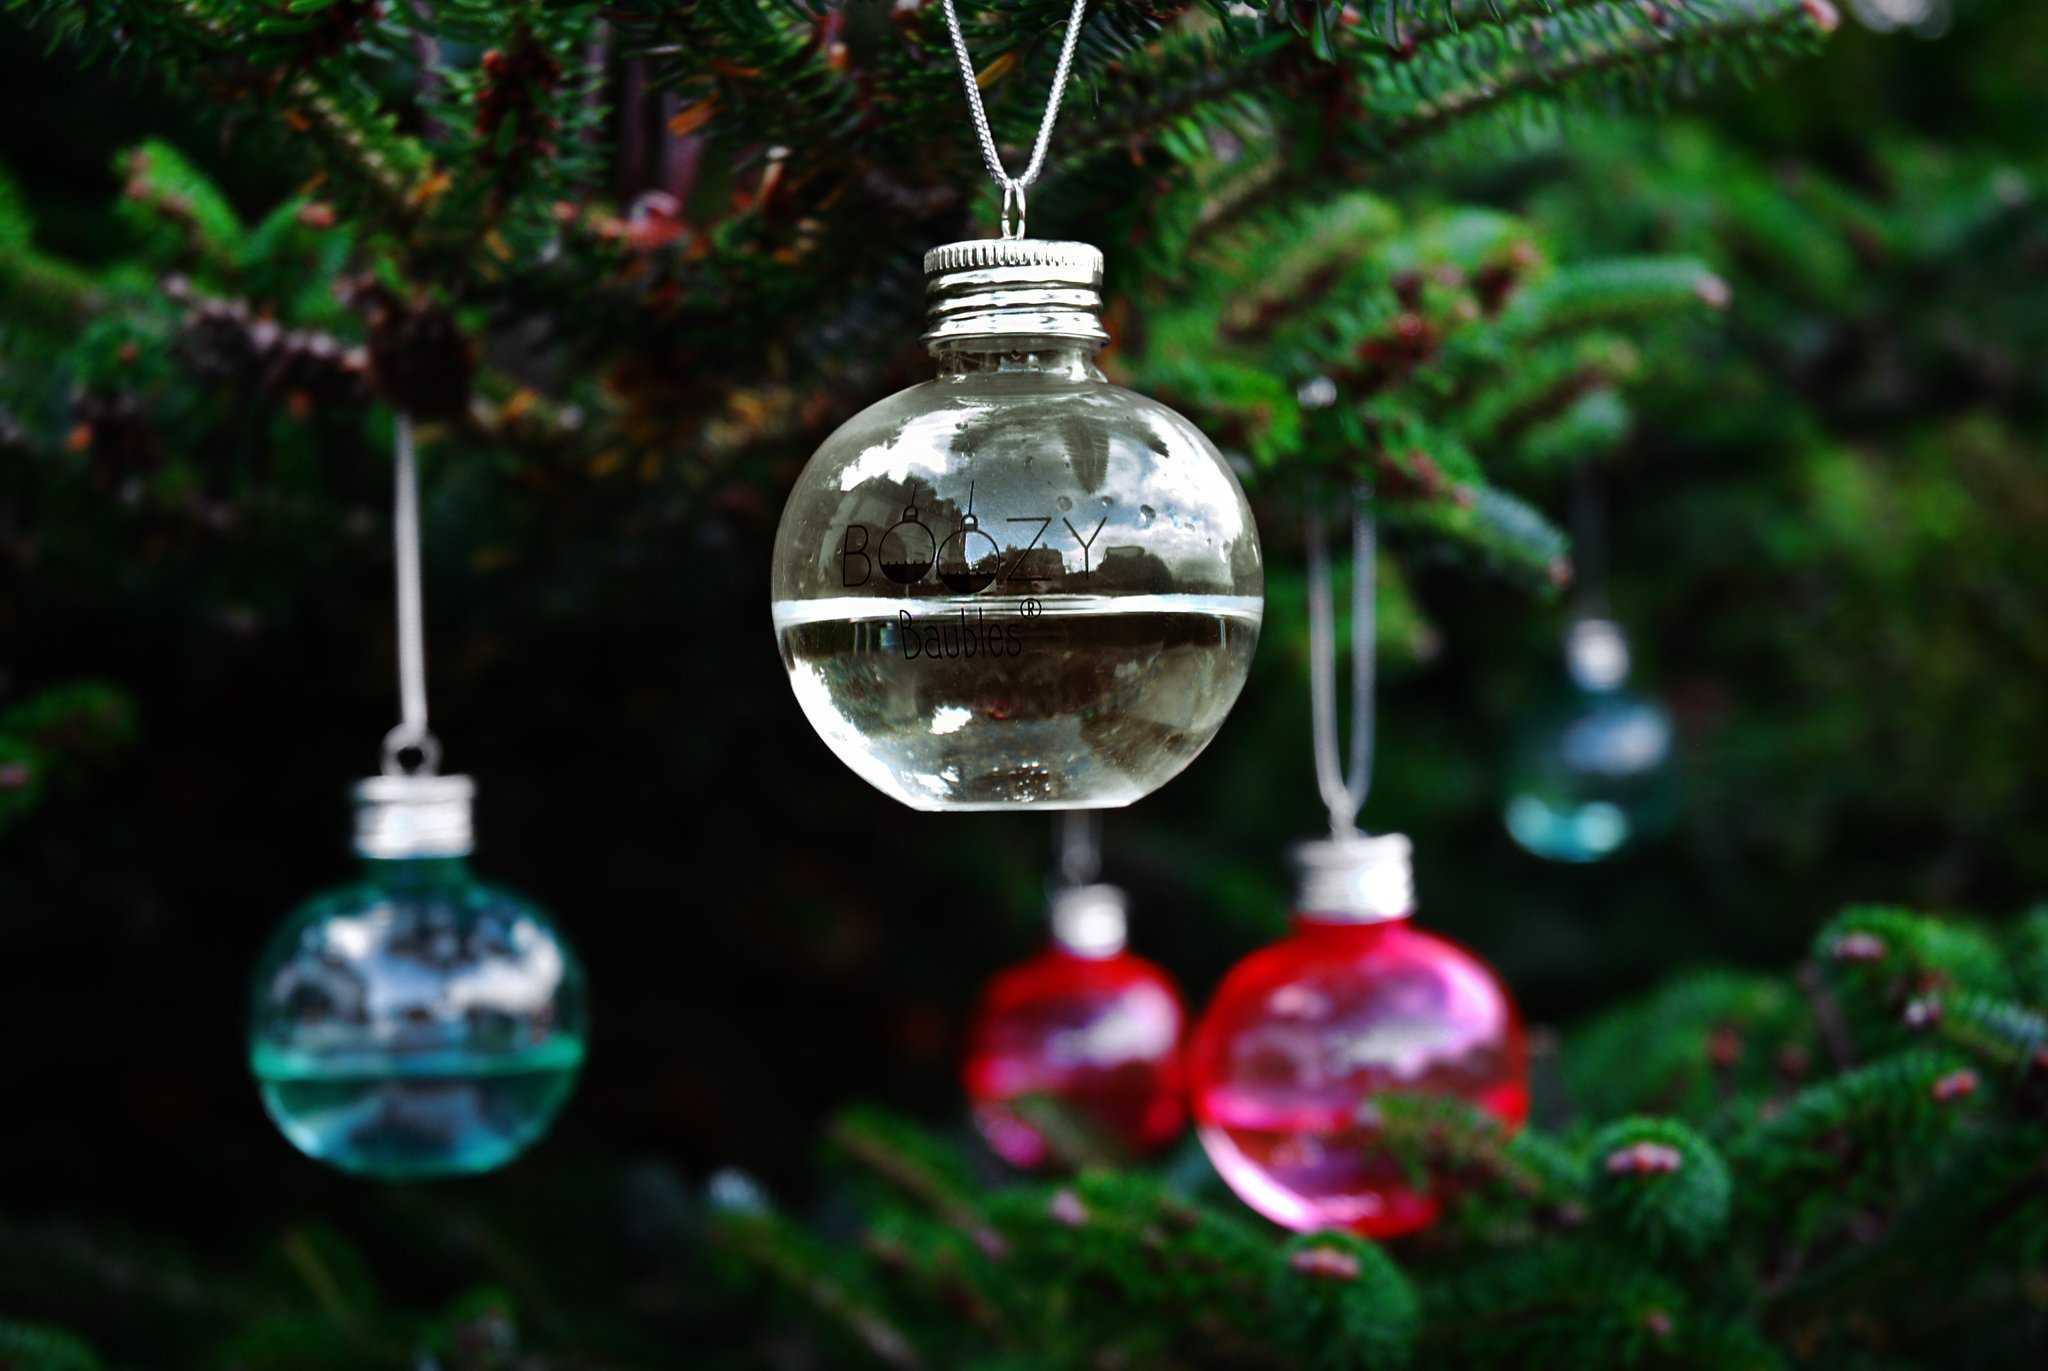 Immagini Palle Di Natale.Le Palle Di Natale Alcoliche Dove E Come Acquistarle La